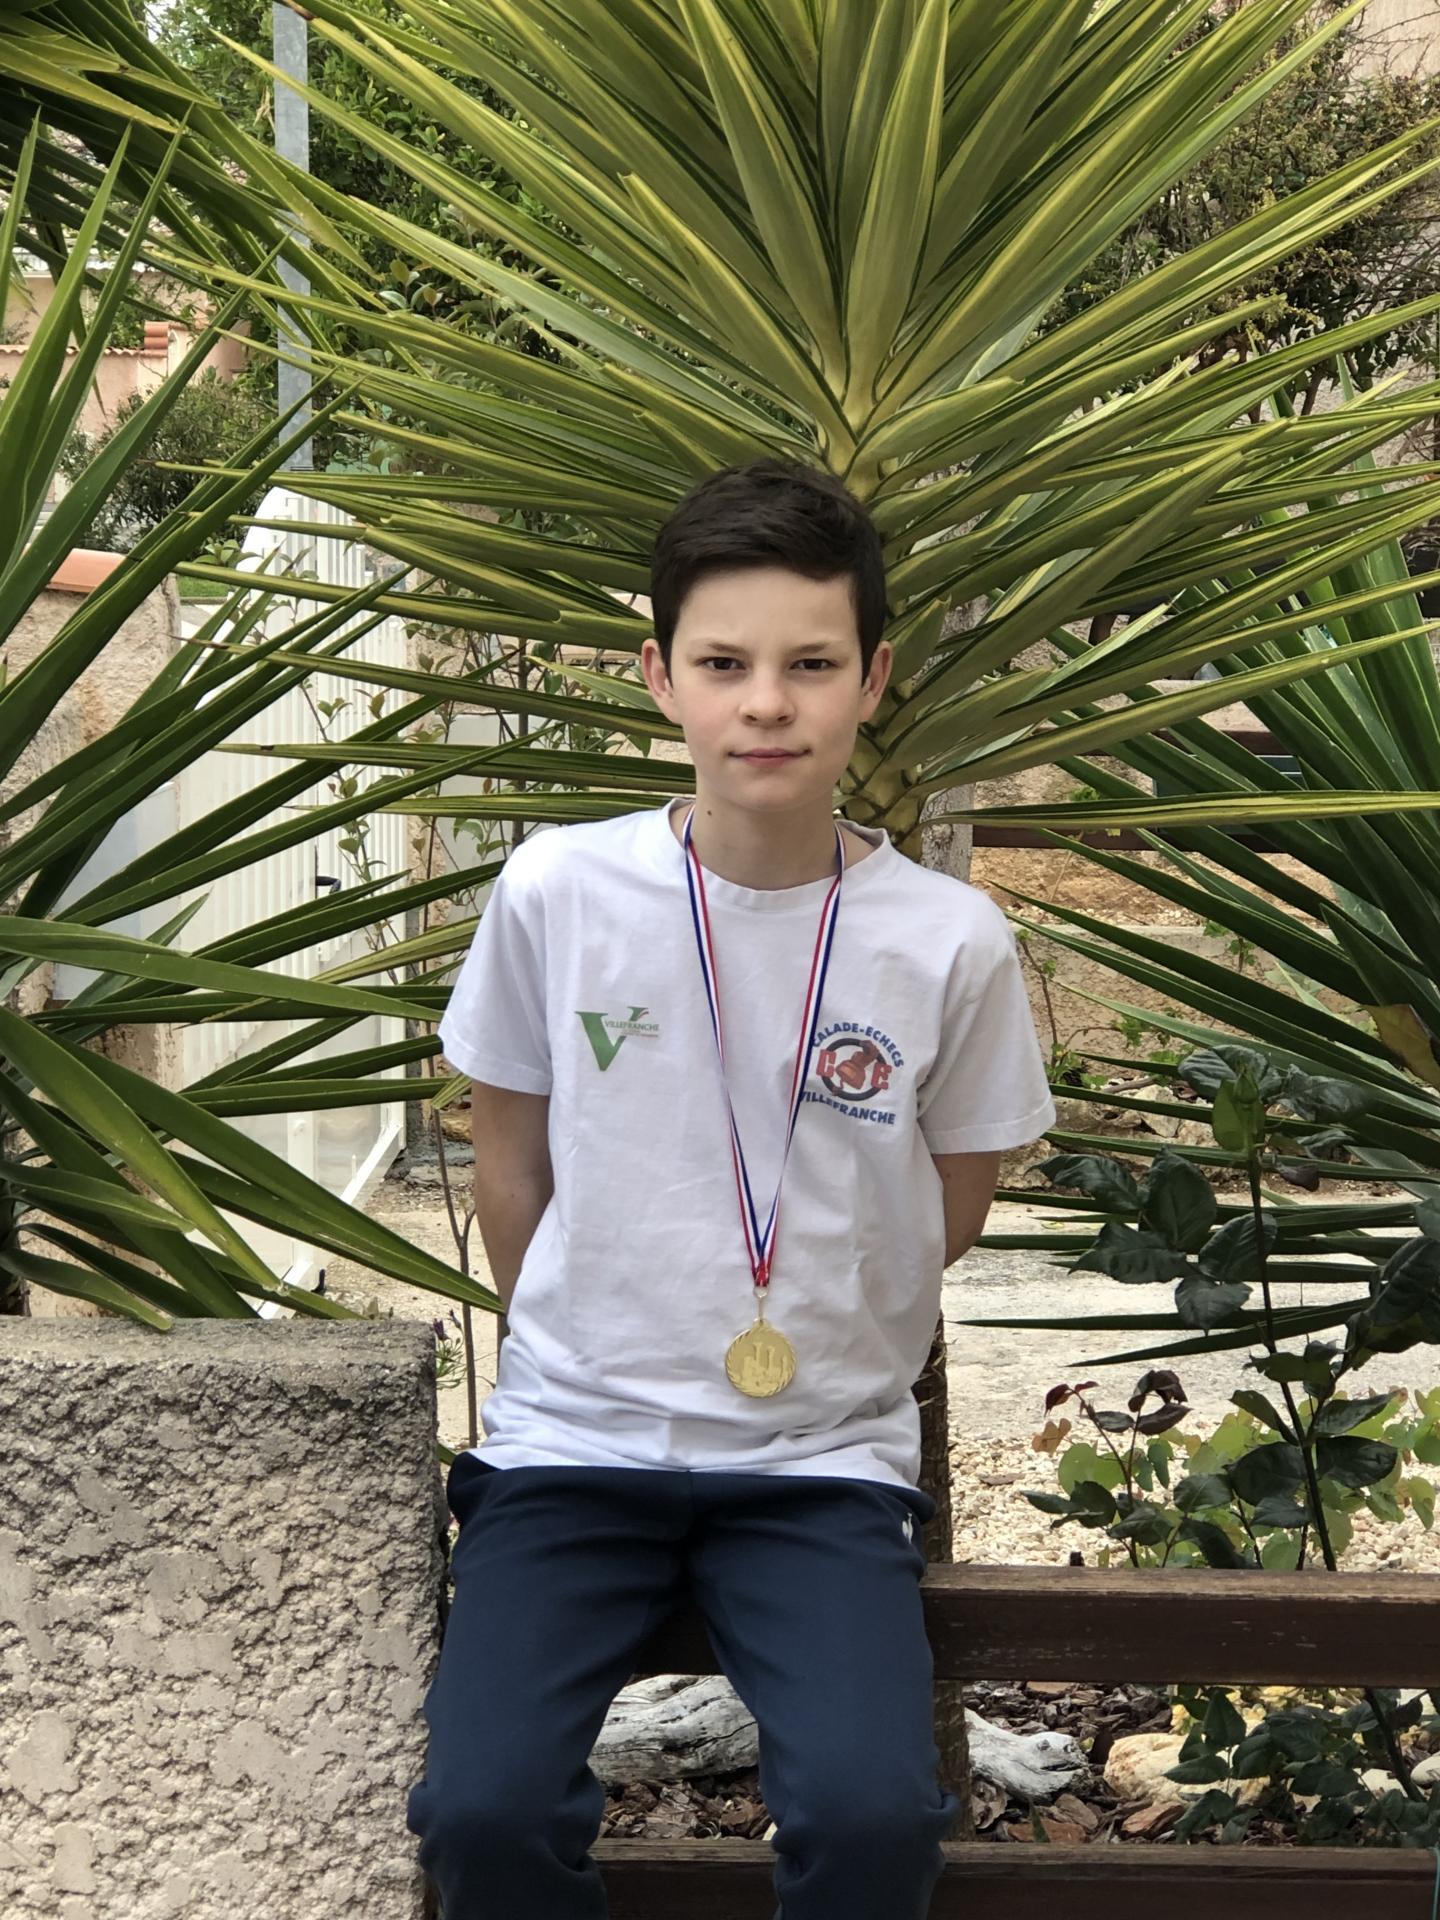 Championnat de france jeunes 3